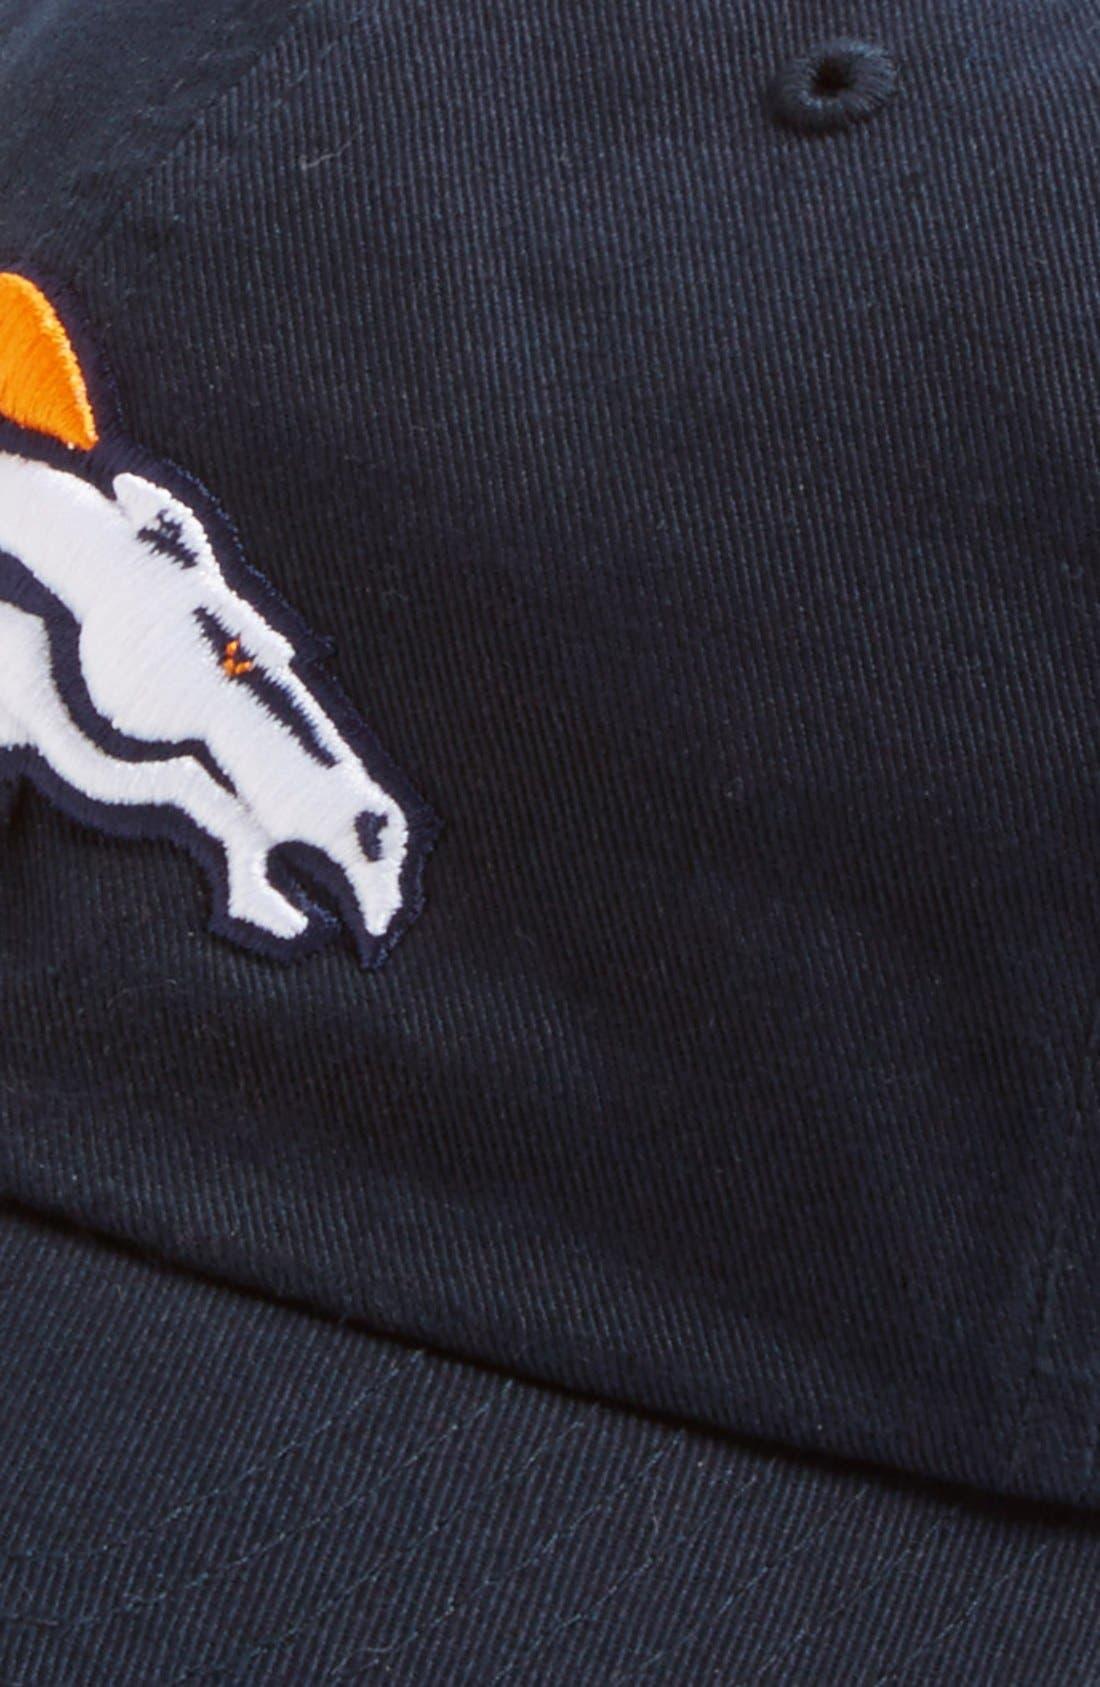 'Denver Broncos - Clean Up' Cap,                             Alternate thumbnail 2, color,                             Navy